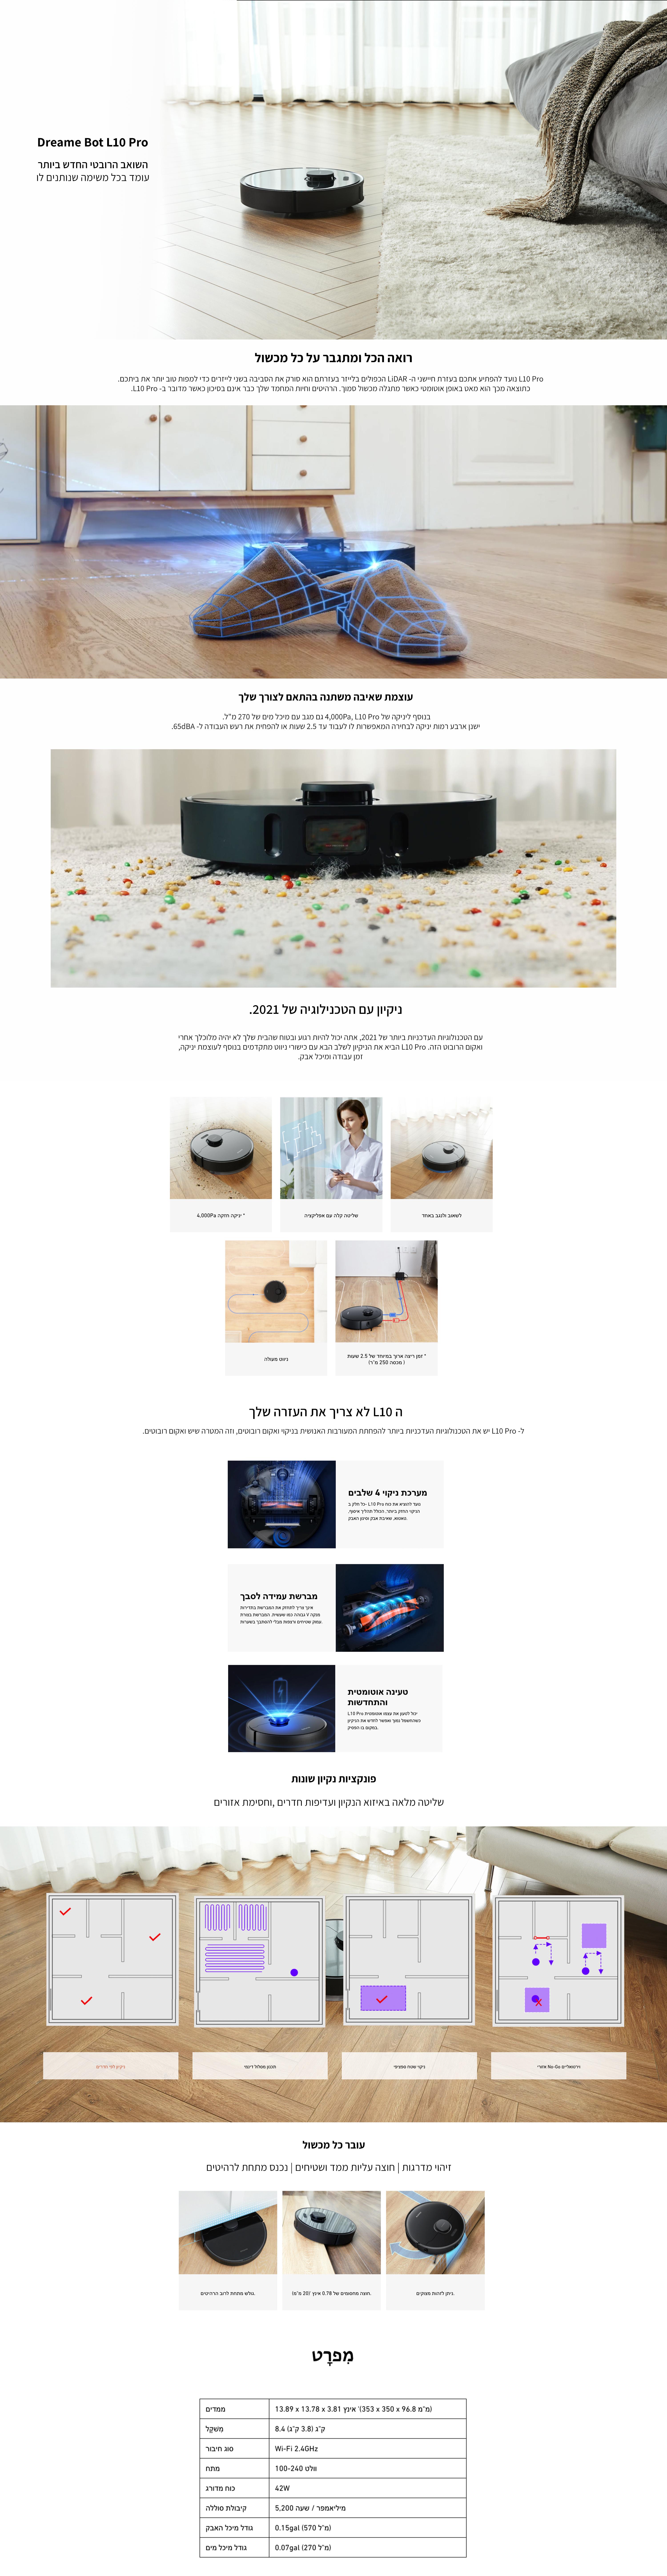 שואב אבק רובוטי - DREAME L10 PRO יבואן רשמי  מבית שיאומי יבוא מקביל   שואבי אבק רובוטי של Xiaomi הכי זולים בארץ! 16